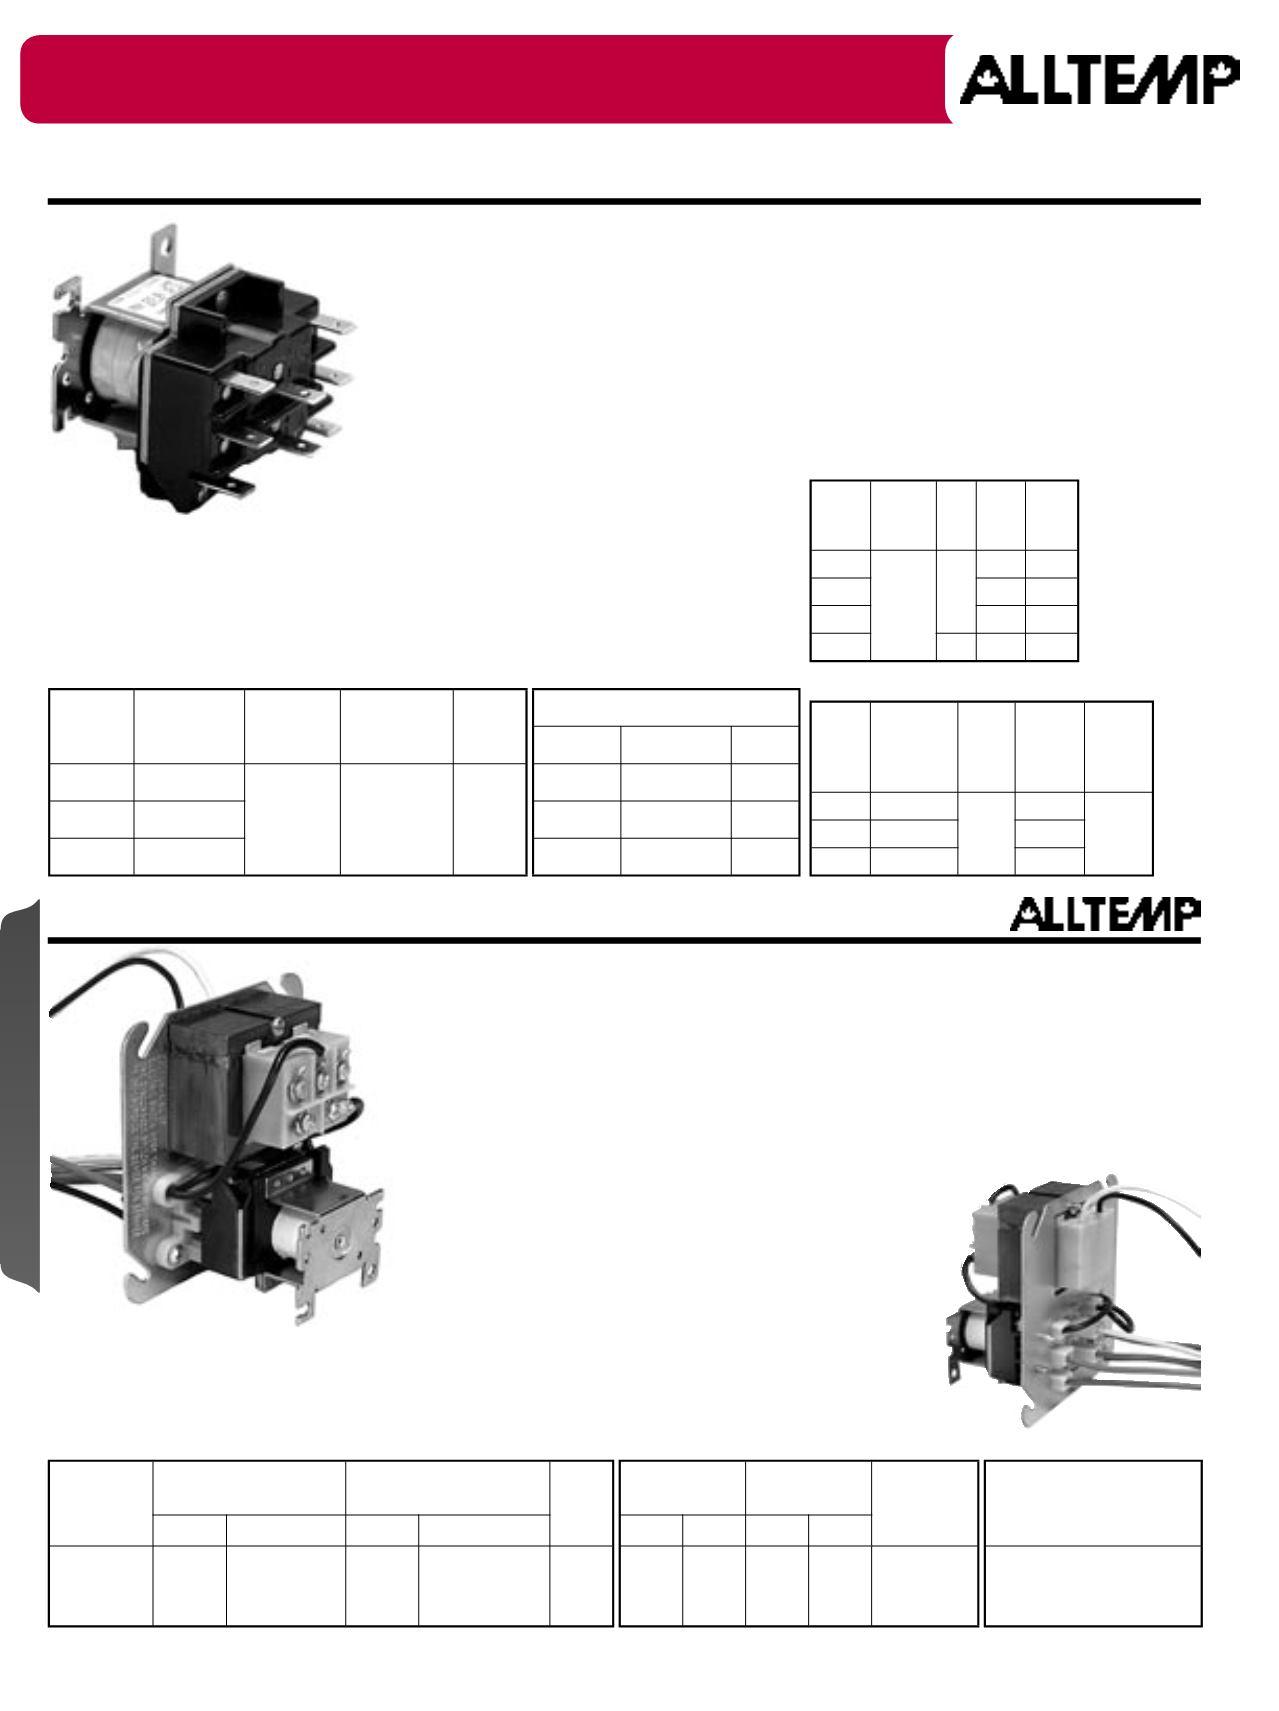 Butt S Pumps And Motors